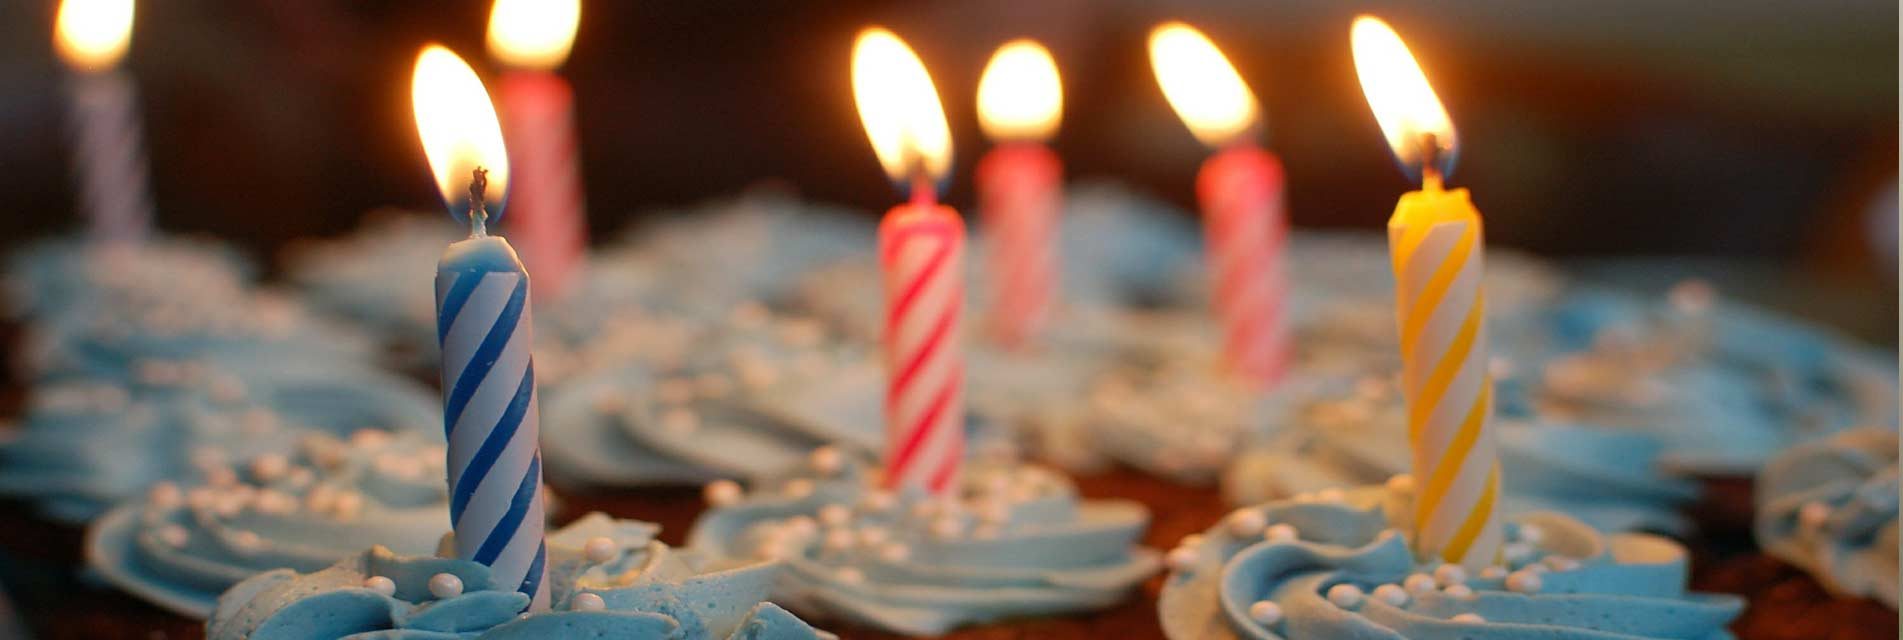 Idée cadeau anniversaire originale – les coffrets cadeaux dans le Tarn en occitanie